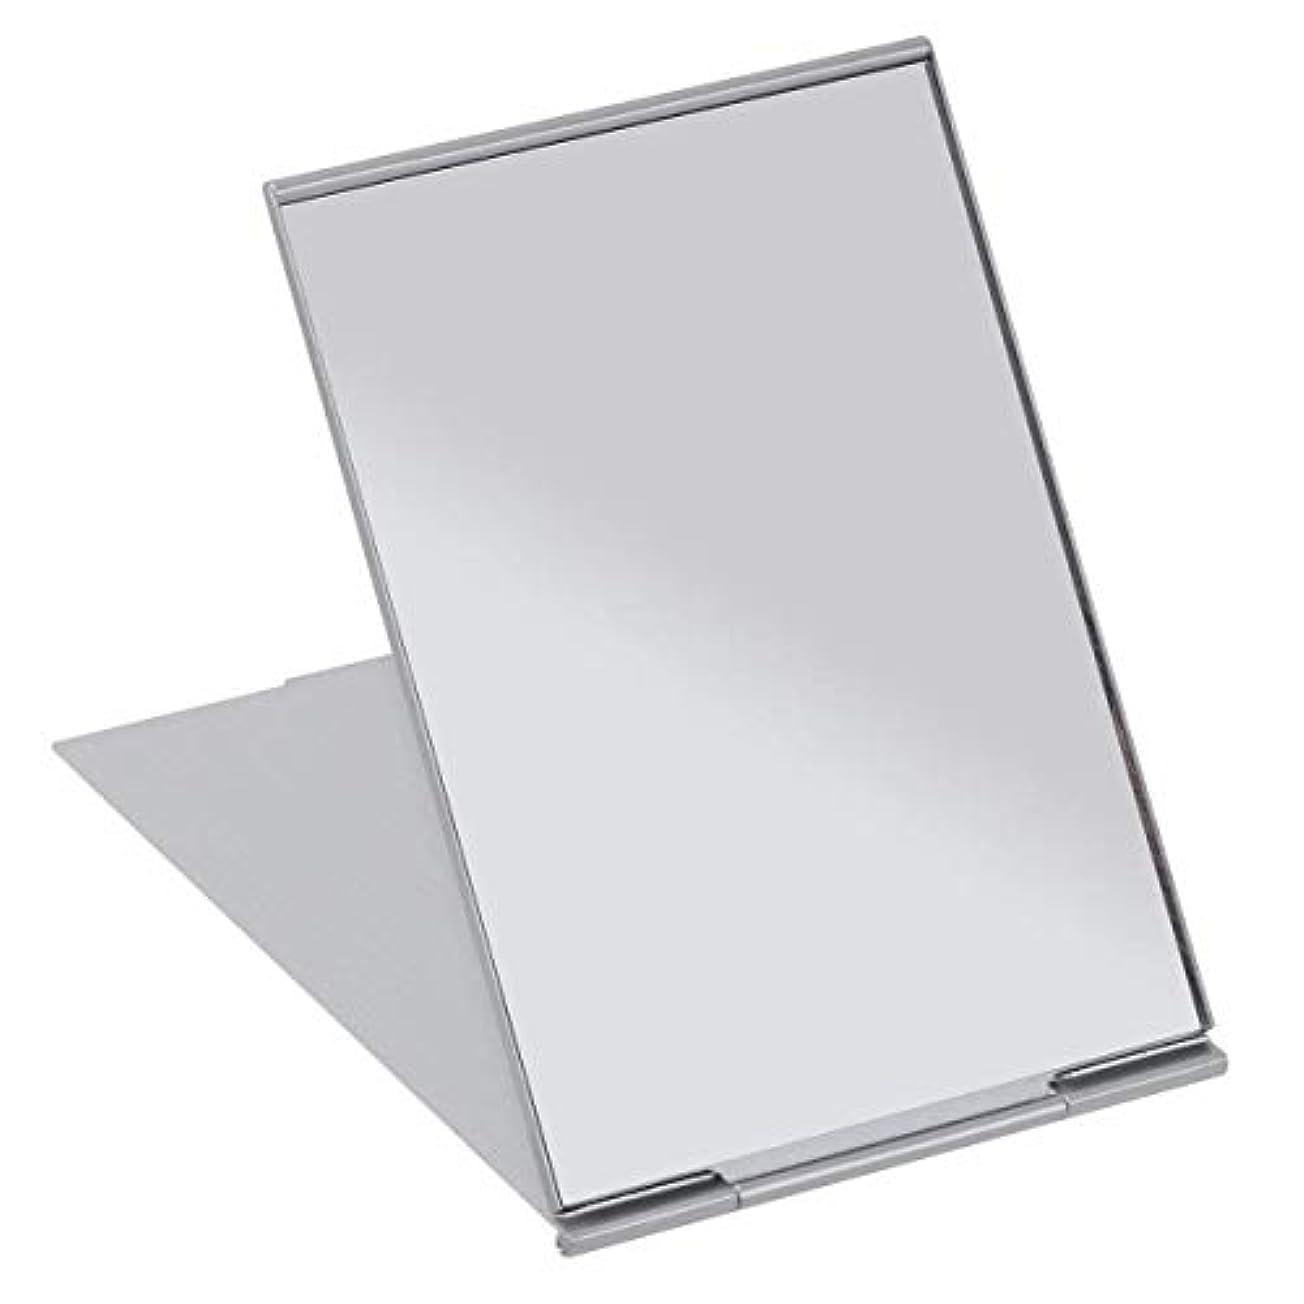 資金引っ張る手数料SALOCY コンパクトミラー モデル折立ミラー 化粧鏡 携帯ミラー 11.5*8cm 持ち運びに便利